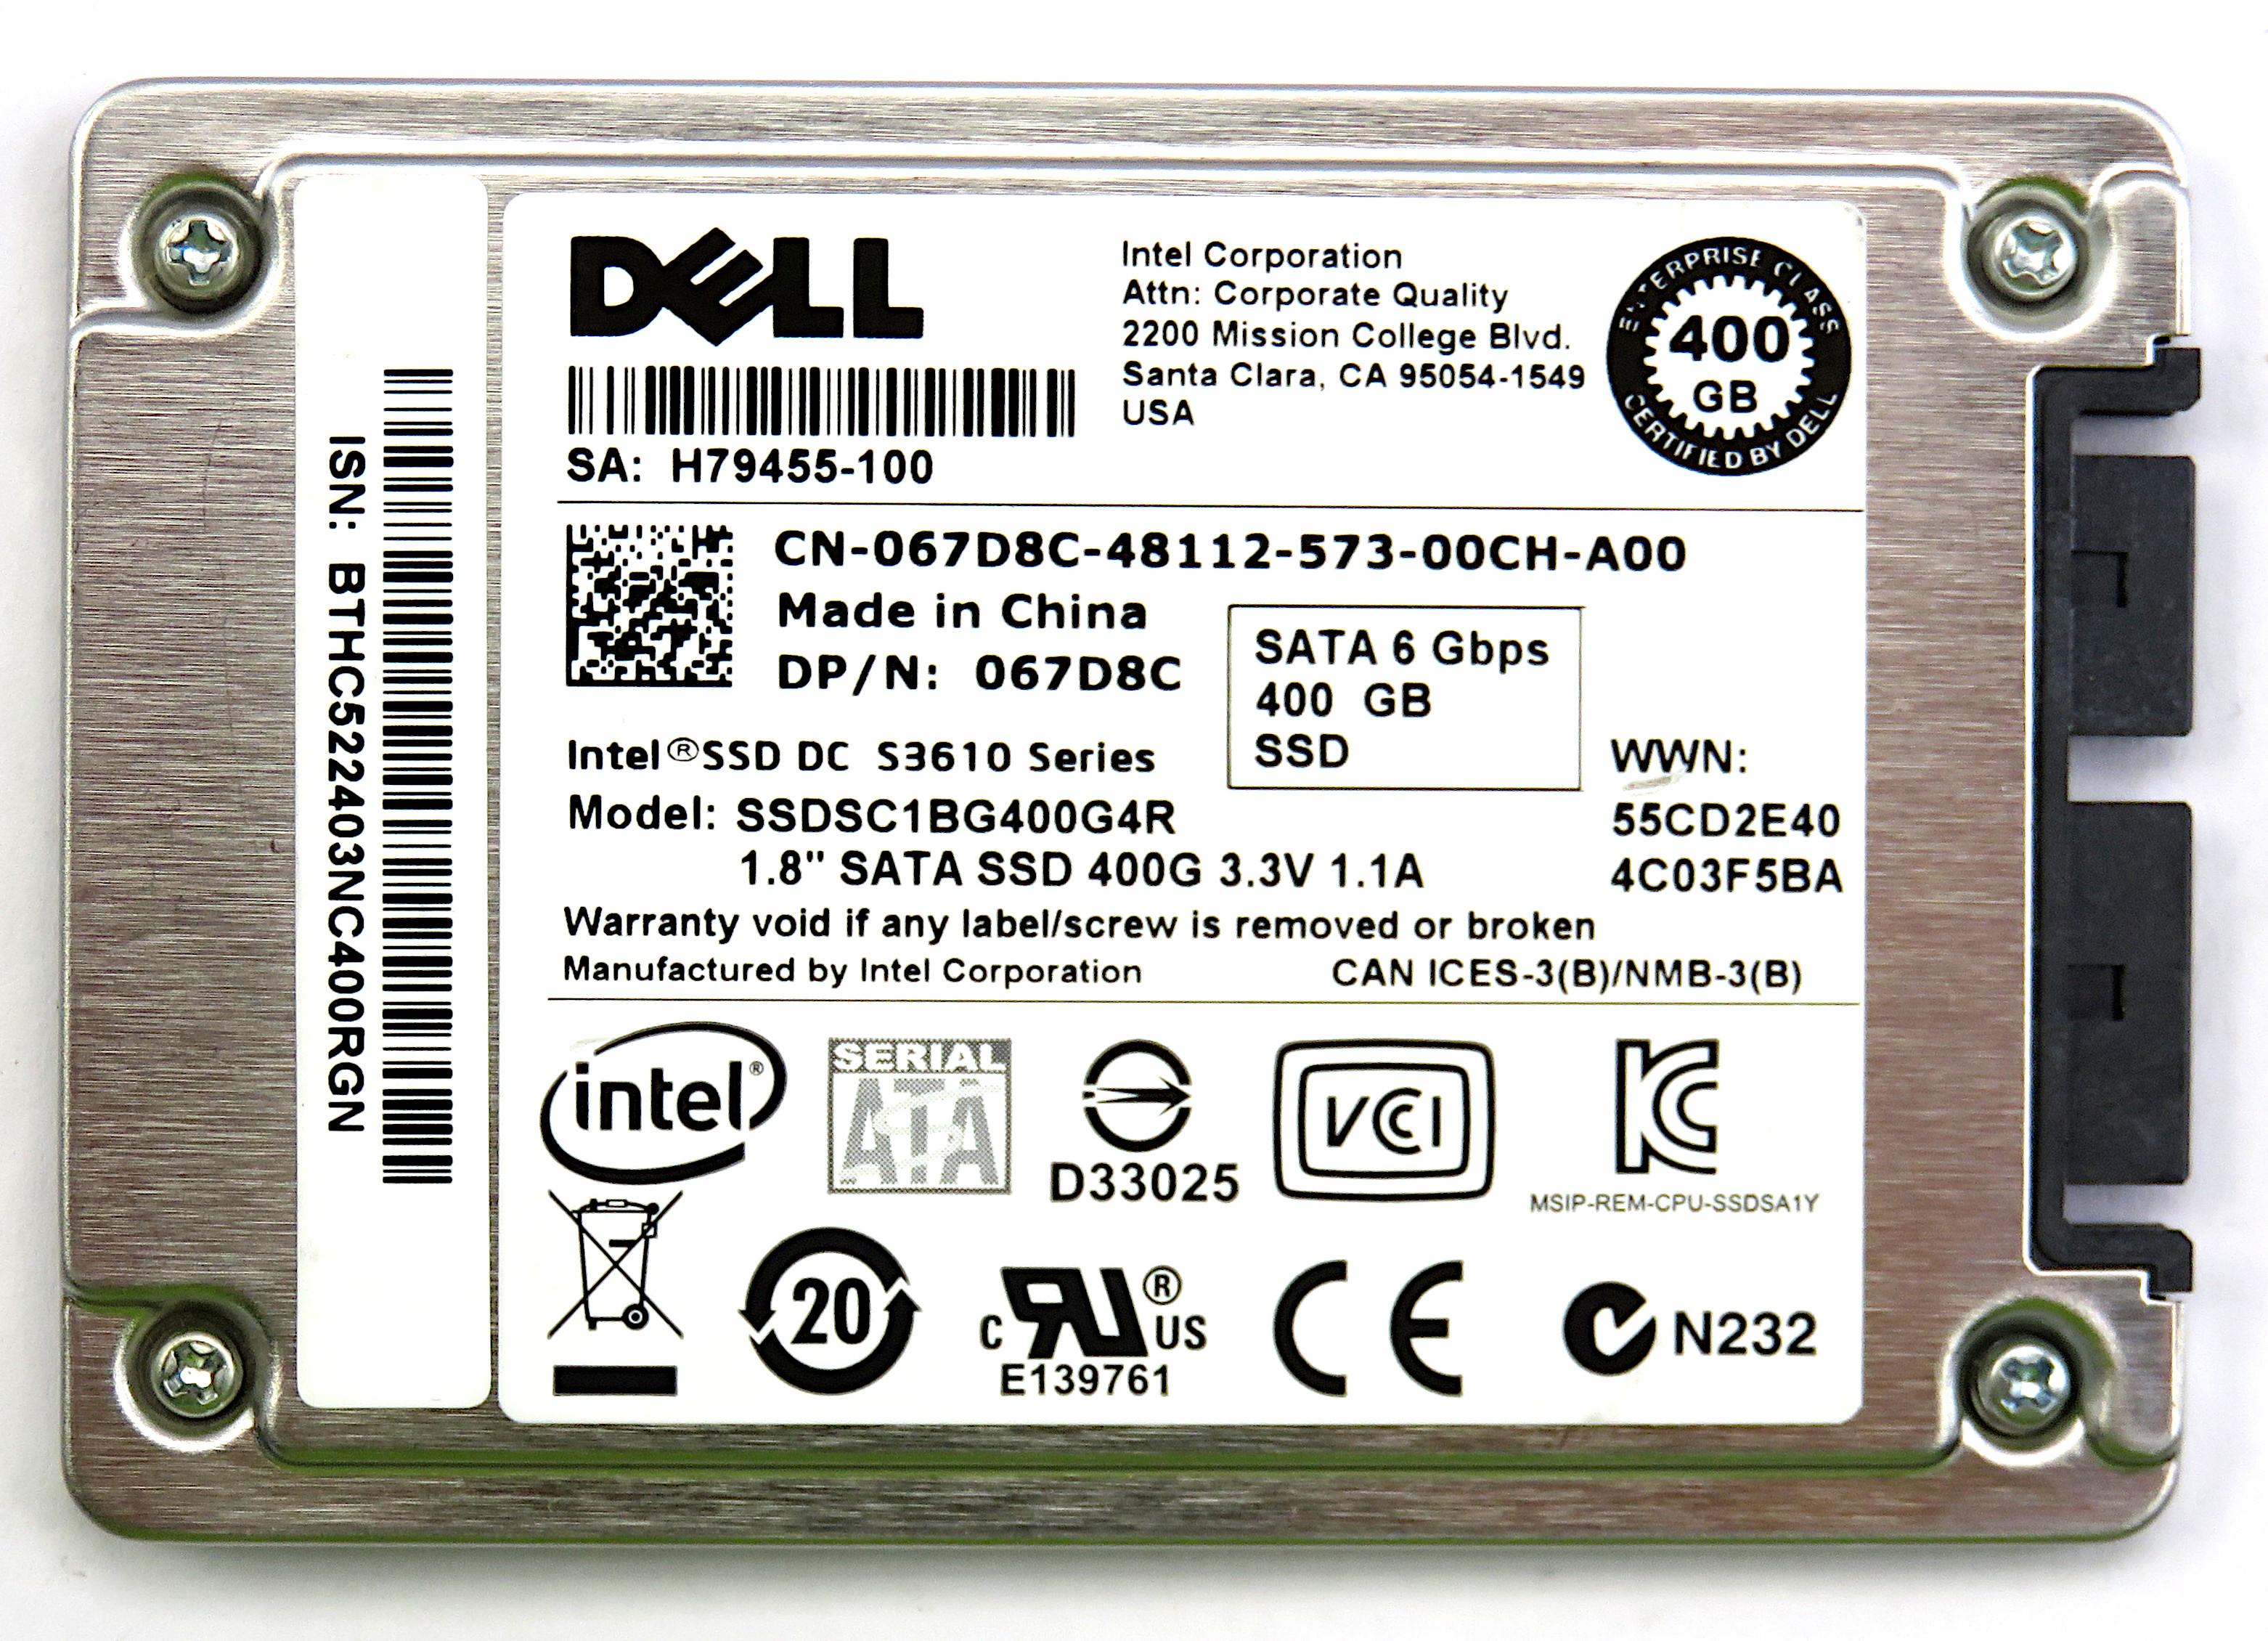 """Dell 067D8C Intel SSDSC1BG400G4R 400GB 1.8"""" uSATA 6Gbps S3610 Series SSD"""